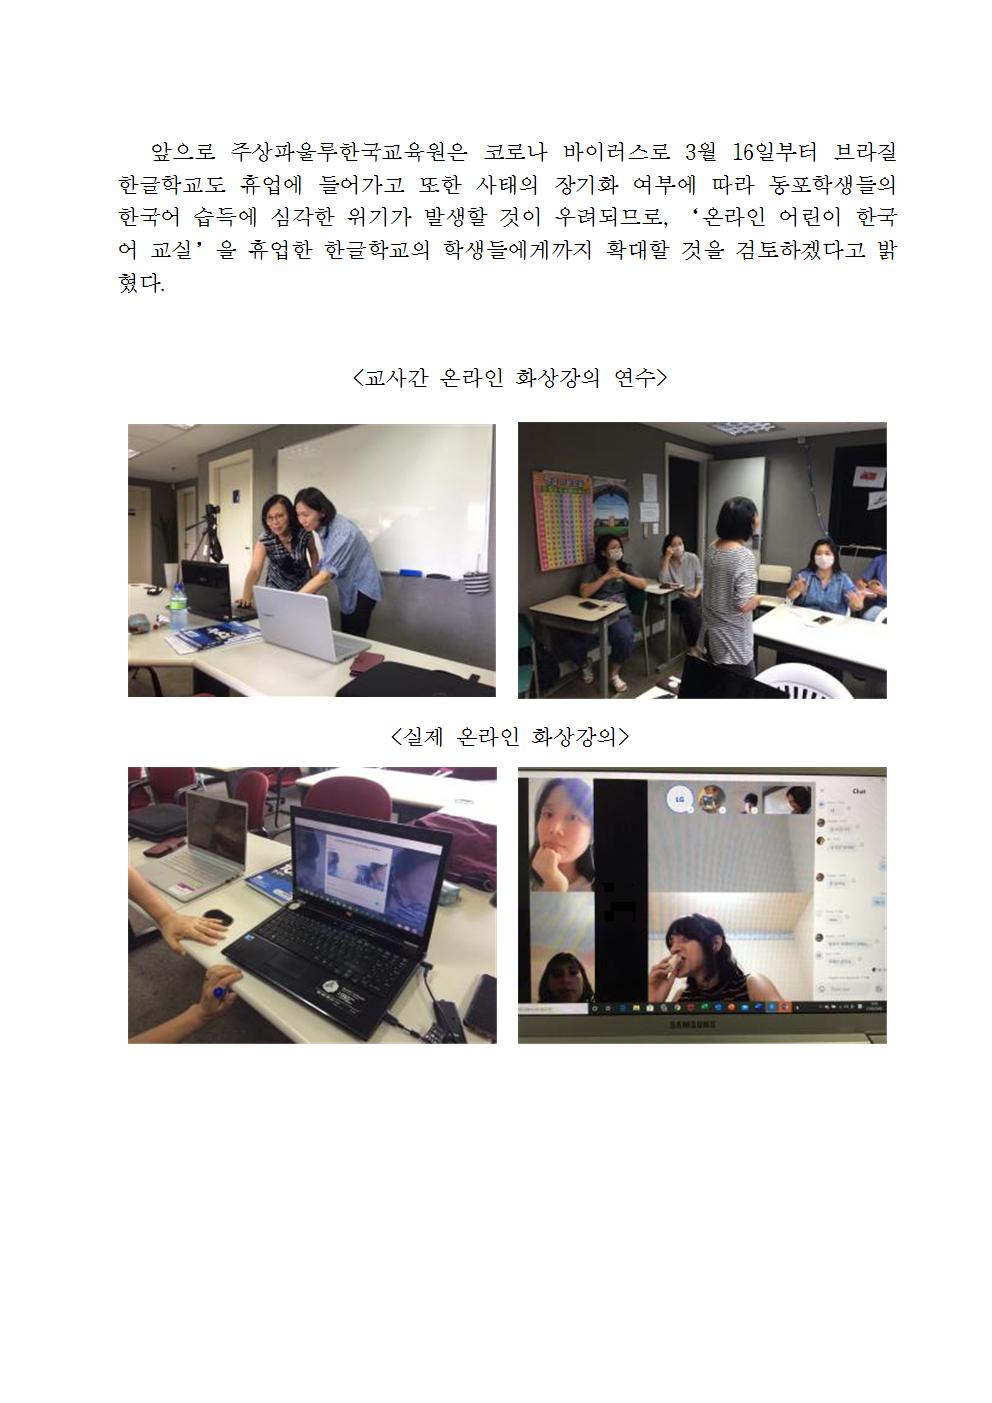 200317 교육원, 온라인 수업으로 코로나 위기에 대응002.png